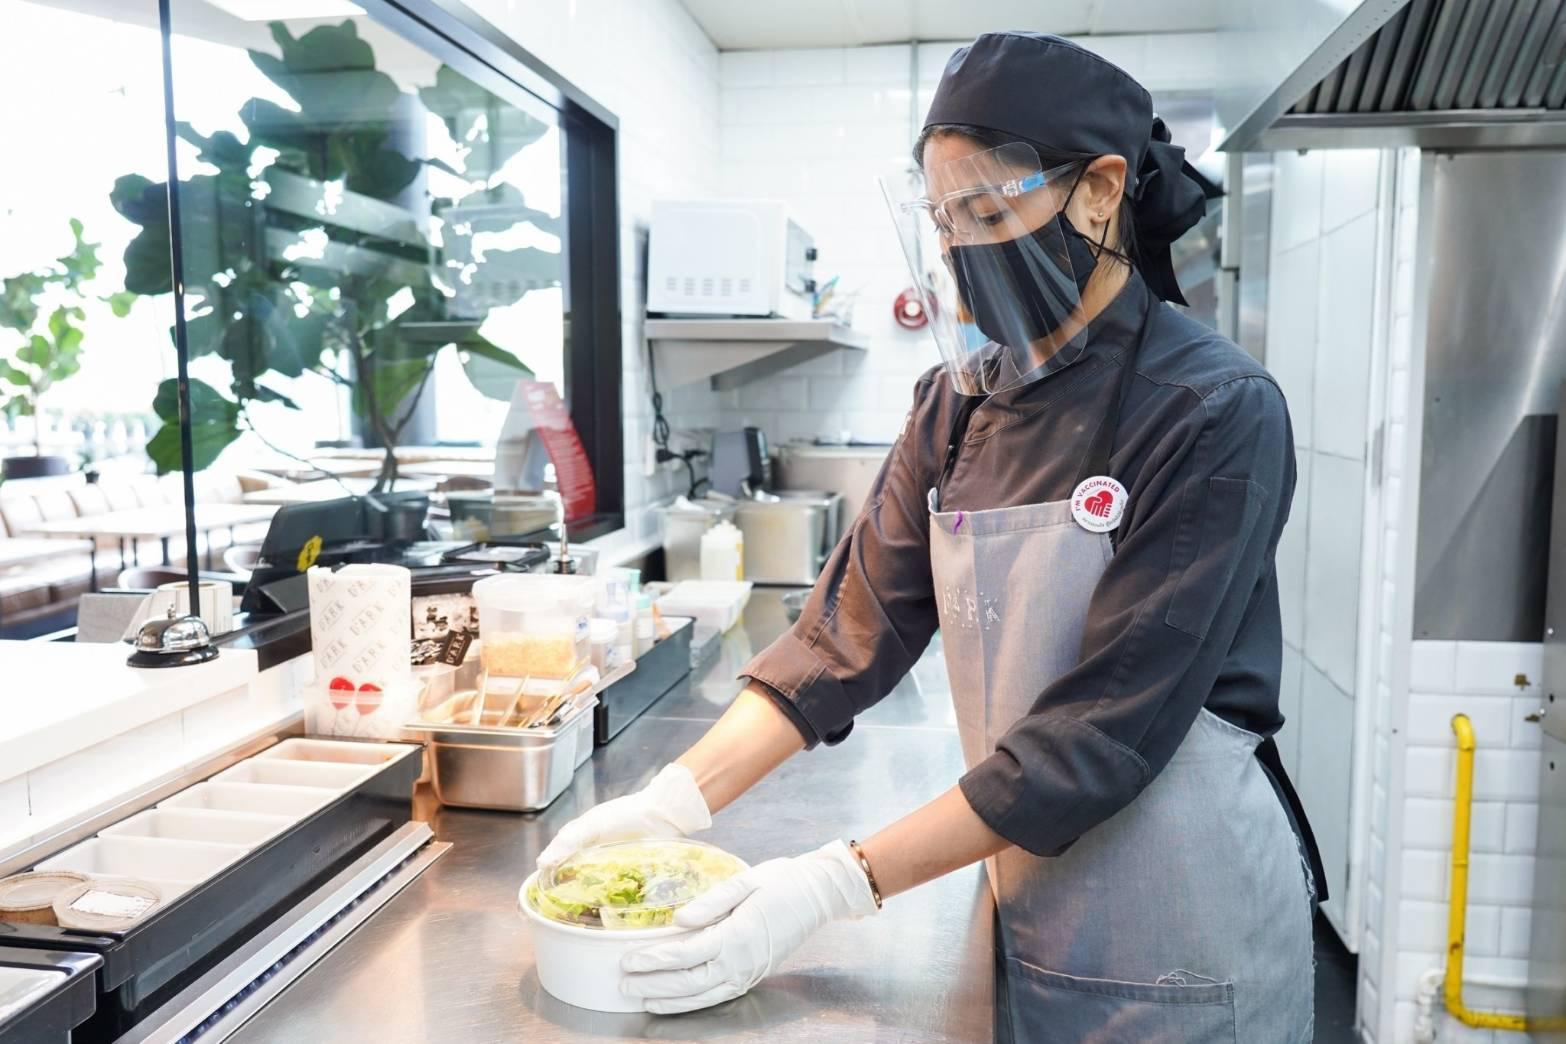 ไอคอนสยาม และ วันสยาม  ขานรับนโยบายภาครัฐผ่อนคลายมาตรการสำหรับร้านอาหาร ให้บริการอาหารและเครื่องดื่มผ่านบริการ Food Delivery Service  ภายใต้มาตรการสุขอนามัยและความปลอดภัยสูงสุด